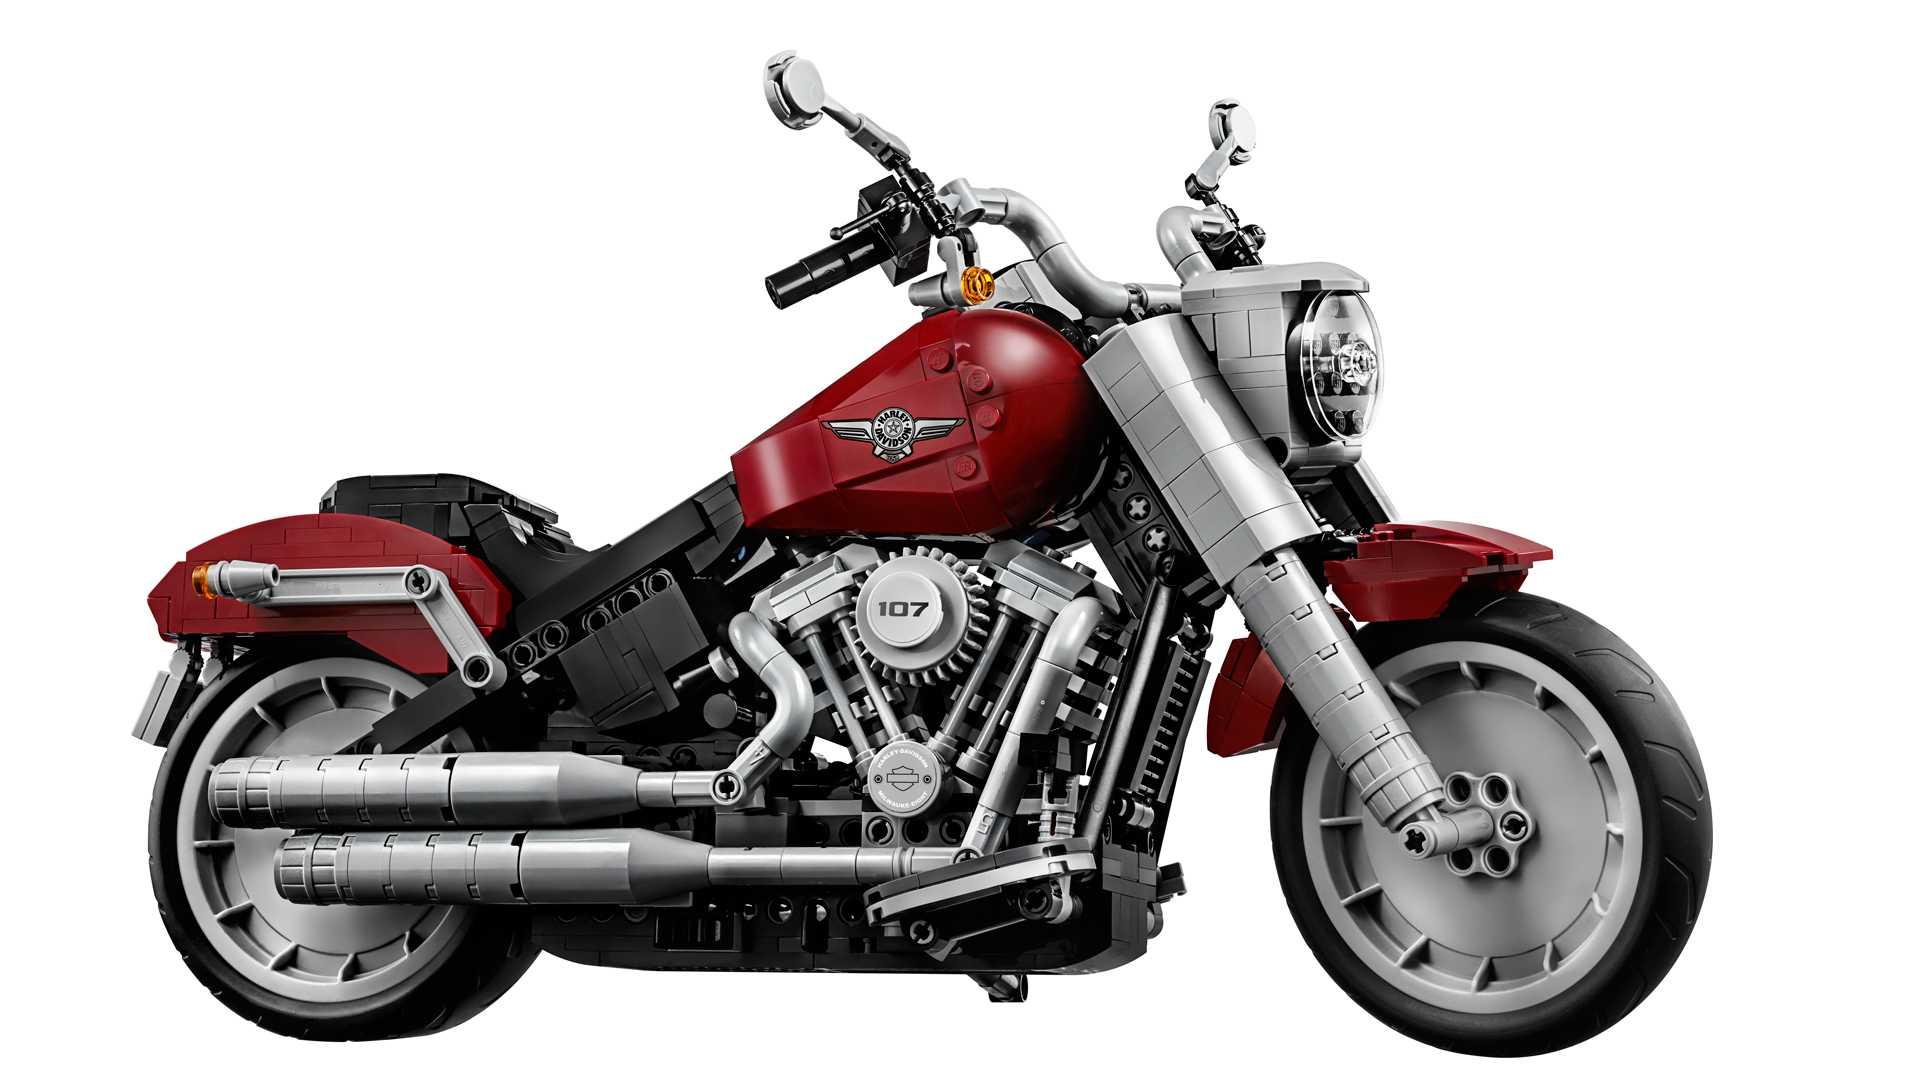 fd2249dcea5 Harley Davidson korraldab volbriparaadi | tehnikamaailm.ee